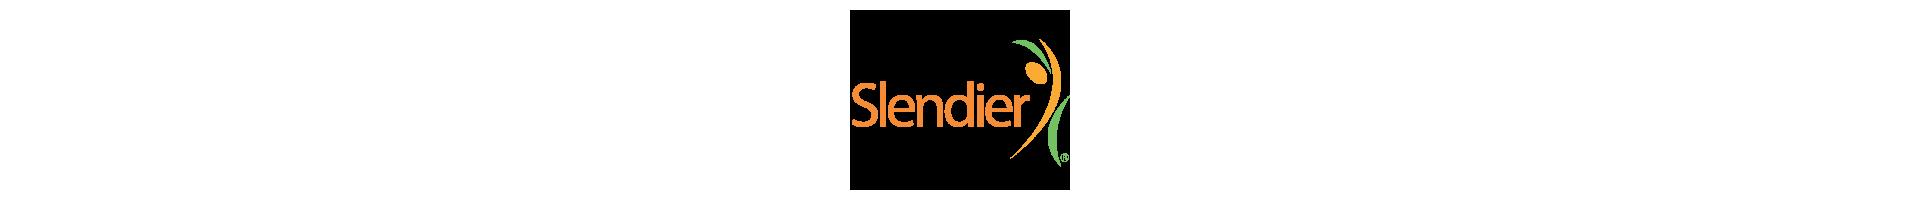 Sliender